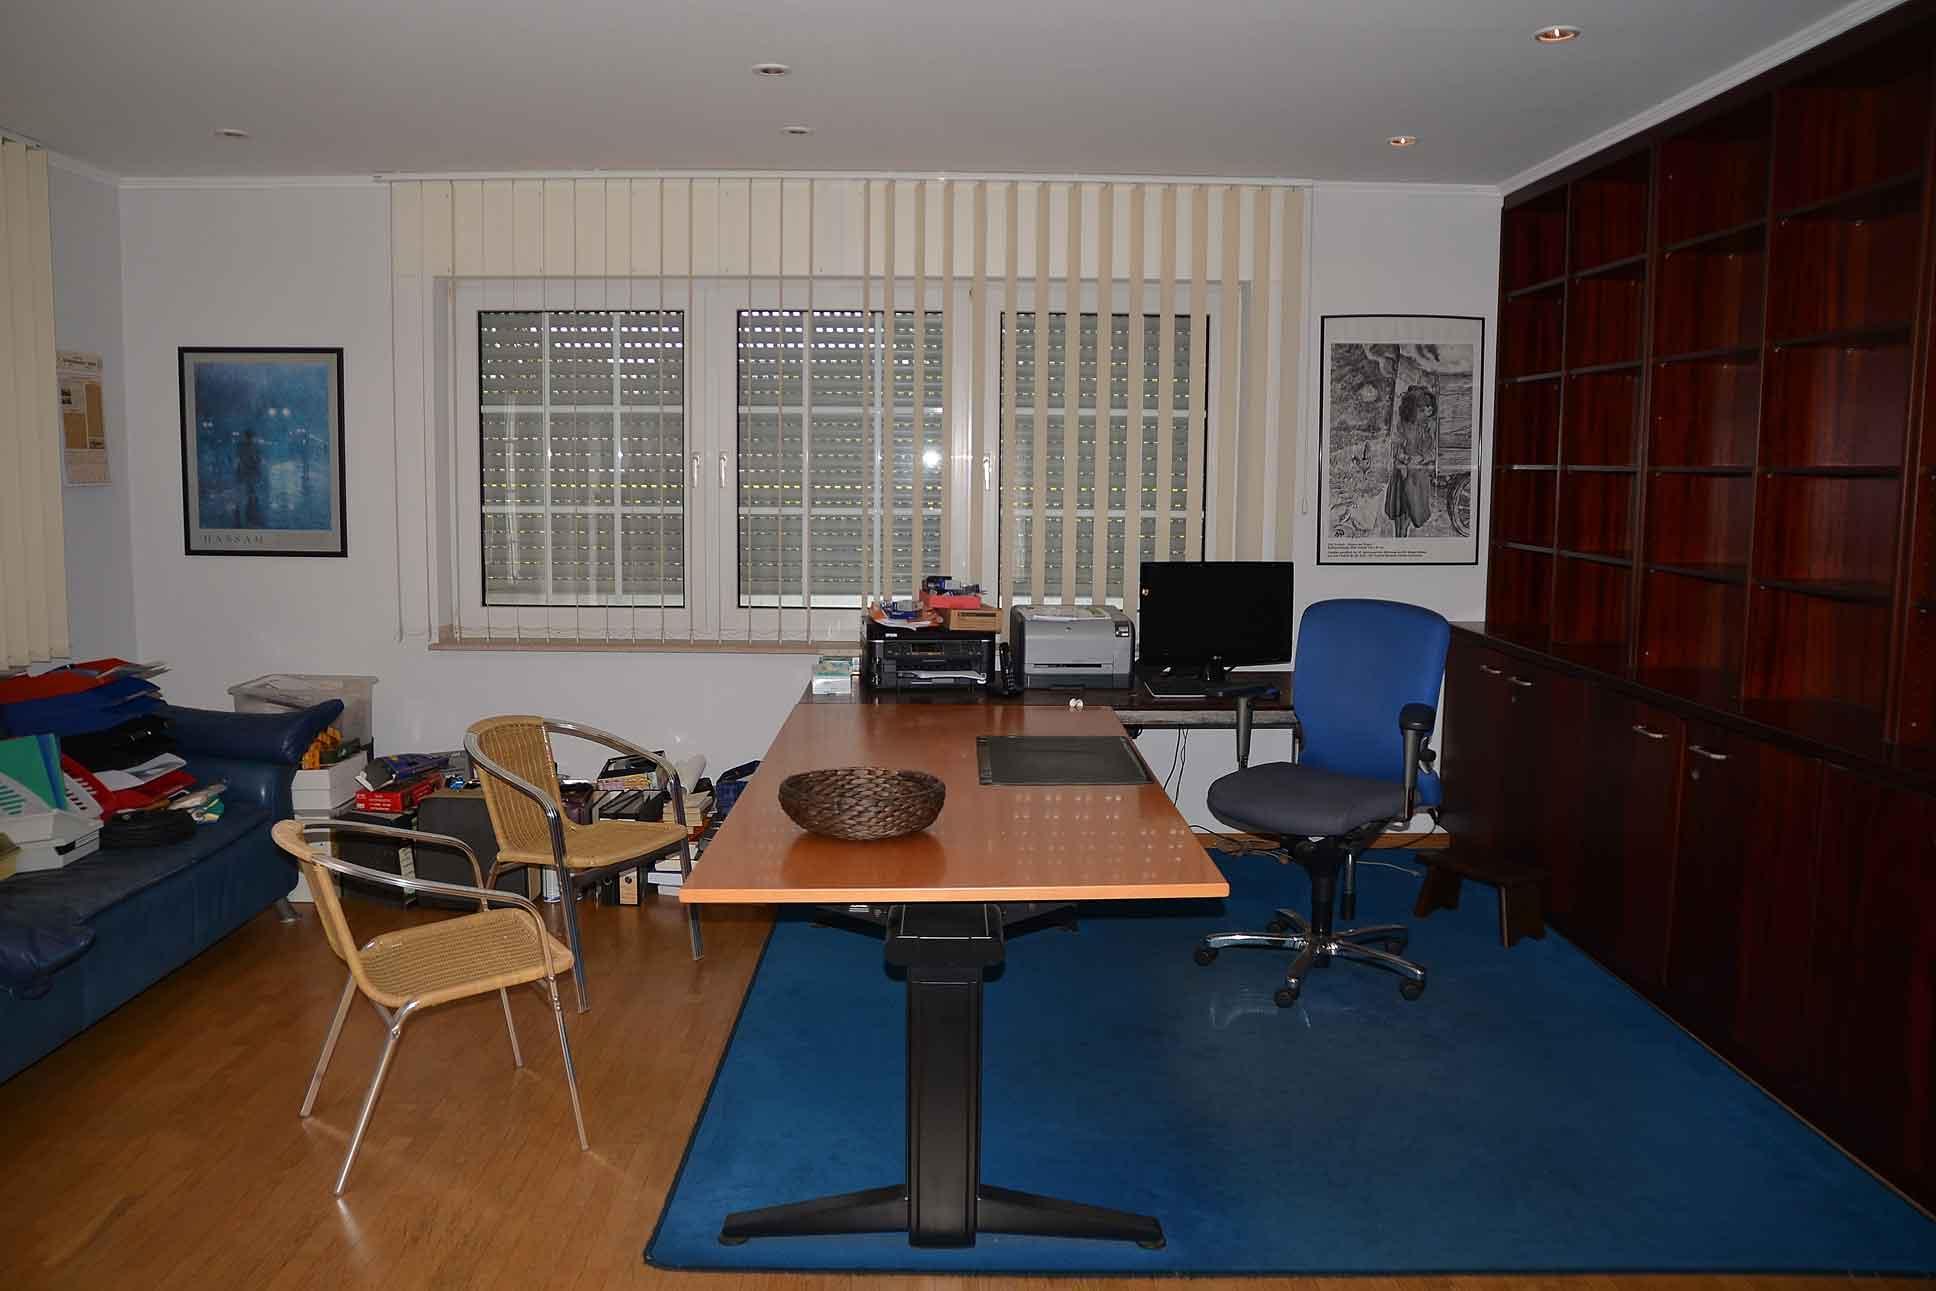 Büro-vom-verstorbenen-Arno-Berning-Raesfeld